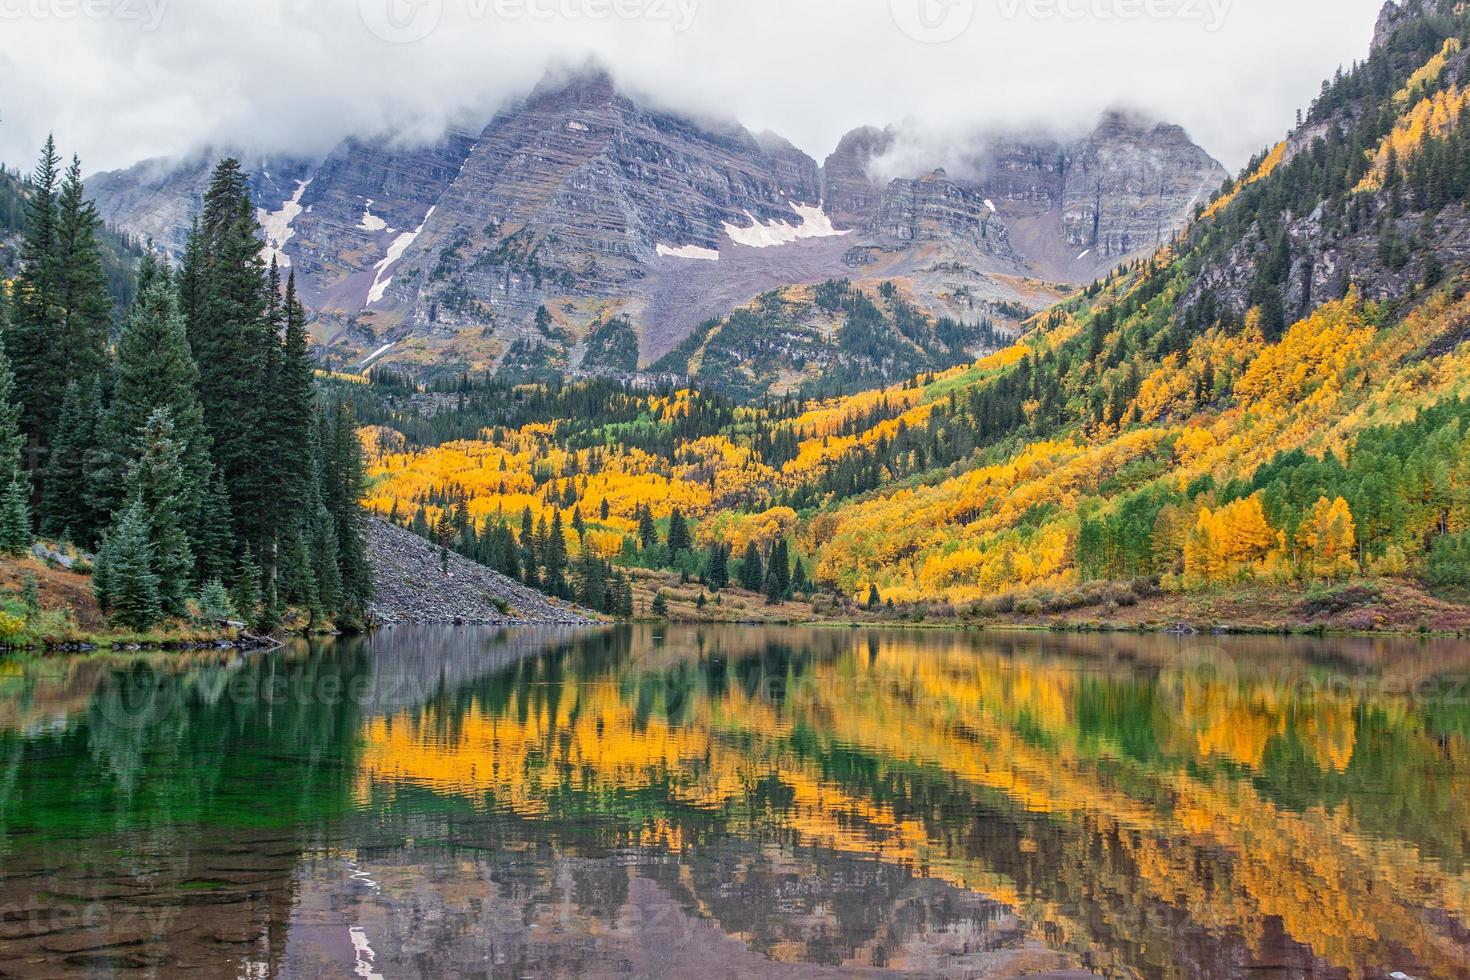 kastanjebruin klokken landschap in de herfst foto